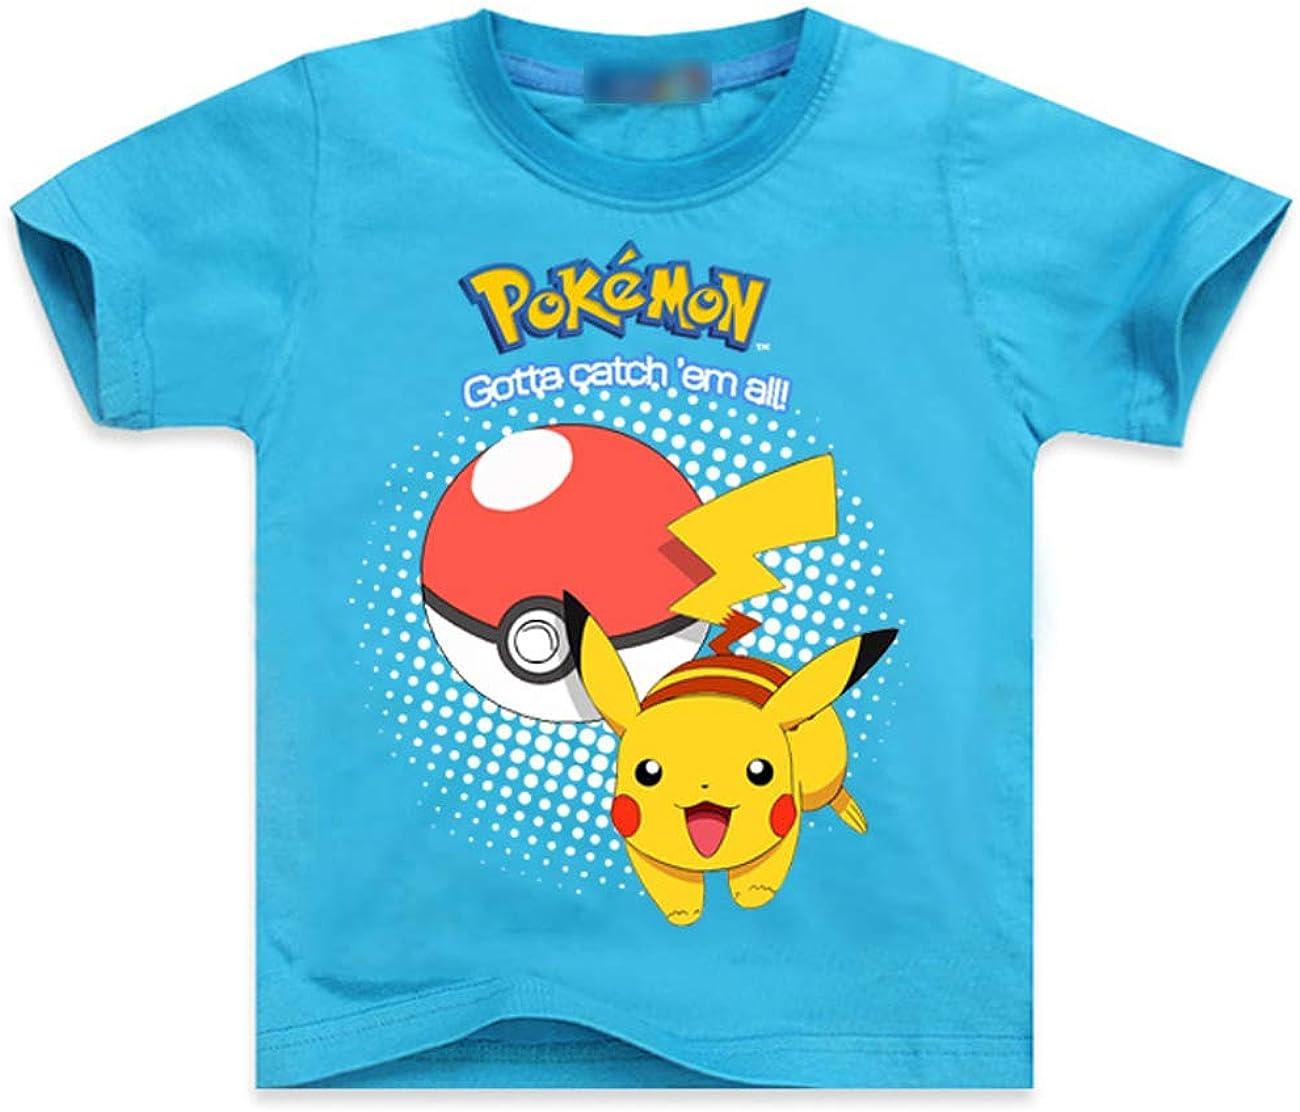 Fittrame Pokemon playera para niños, Teen Boys Pokeball Print Camisa Niños Detective Pikachu manga corta Anime Tee Camisa de verano Top Pokemon Camiseta para niños 3 – 8 años Blusa ventas L-blue